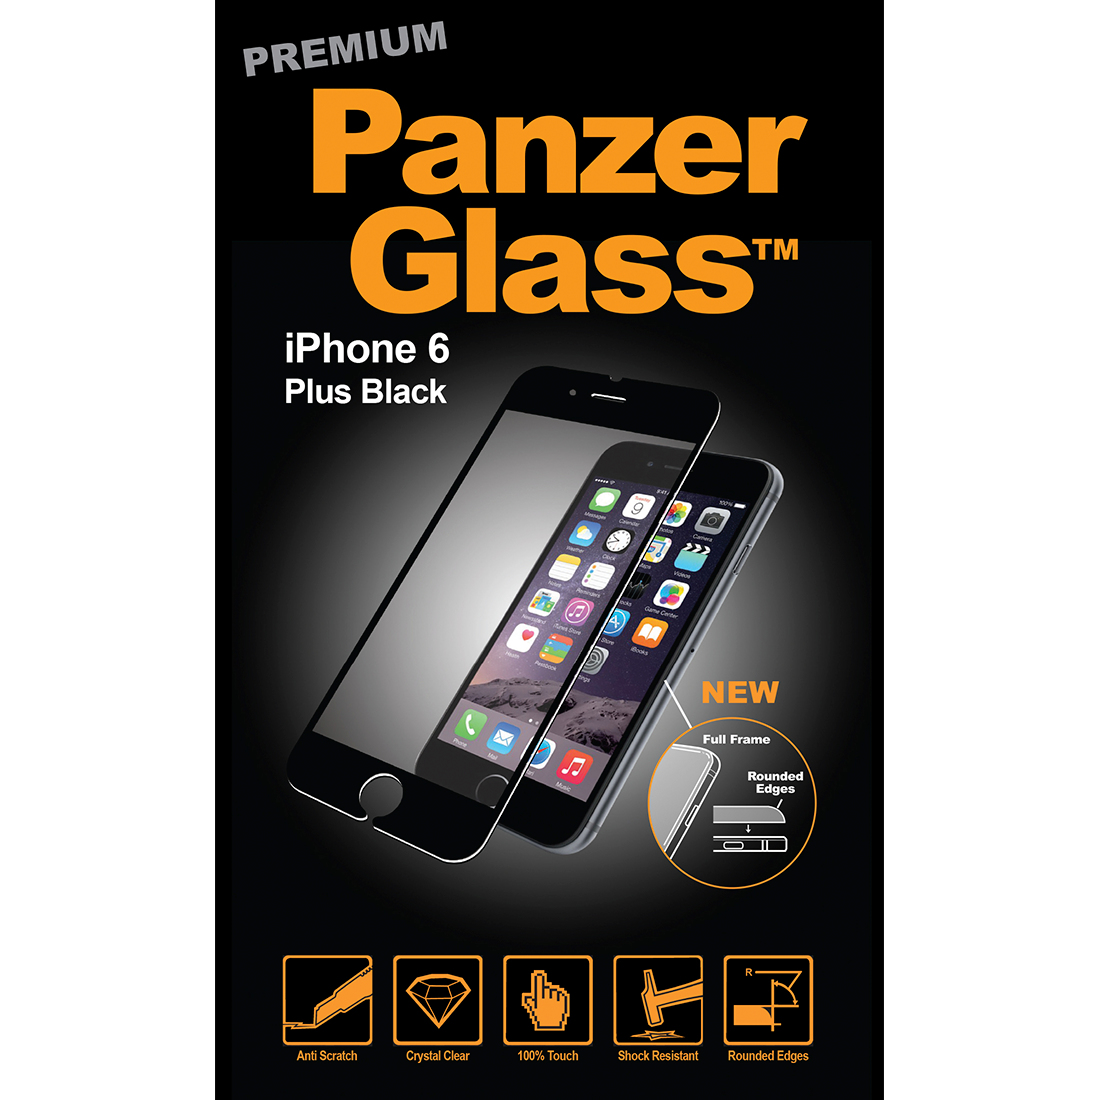 Billede af Panzer glass Sikkerhedsglas Premium iPhone 6/6S Plus med Sort Ramme